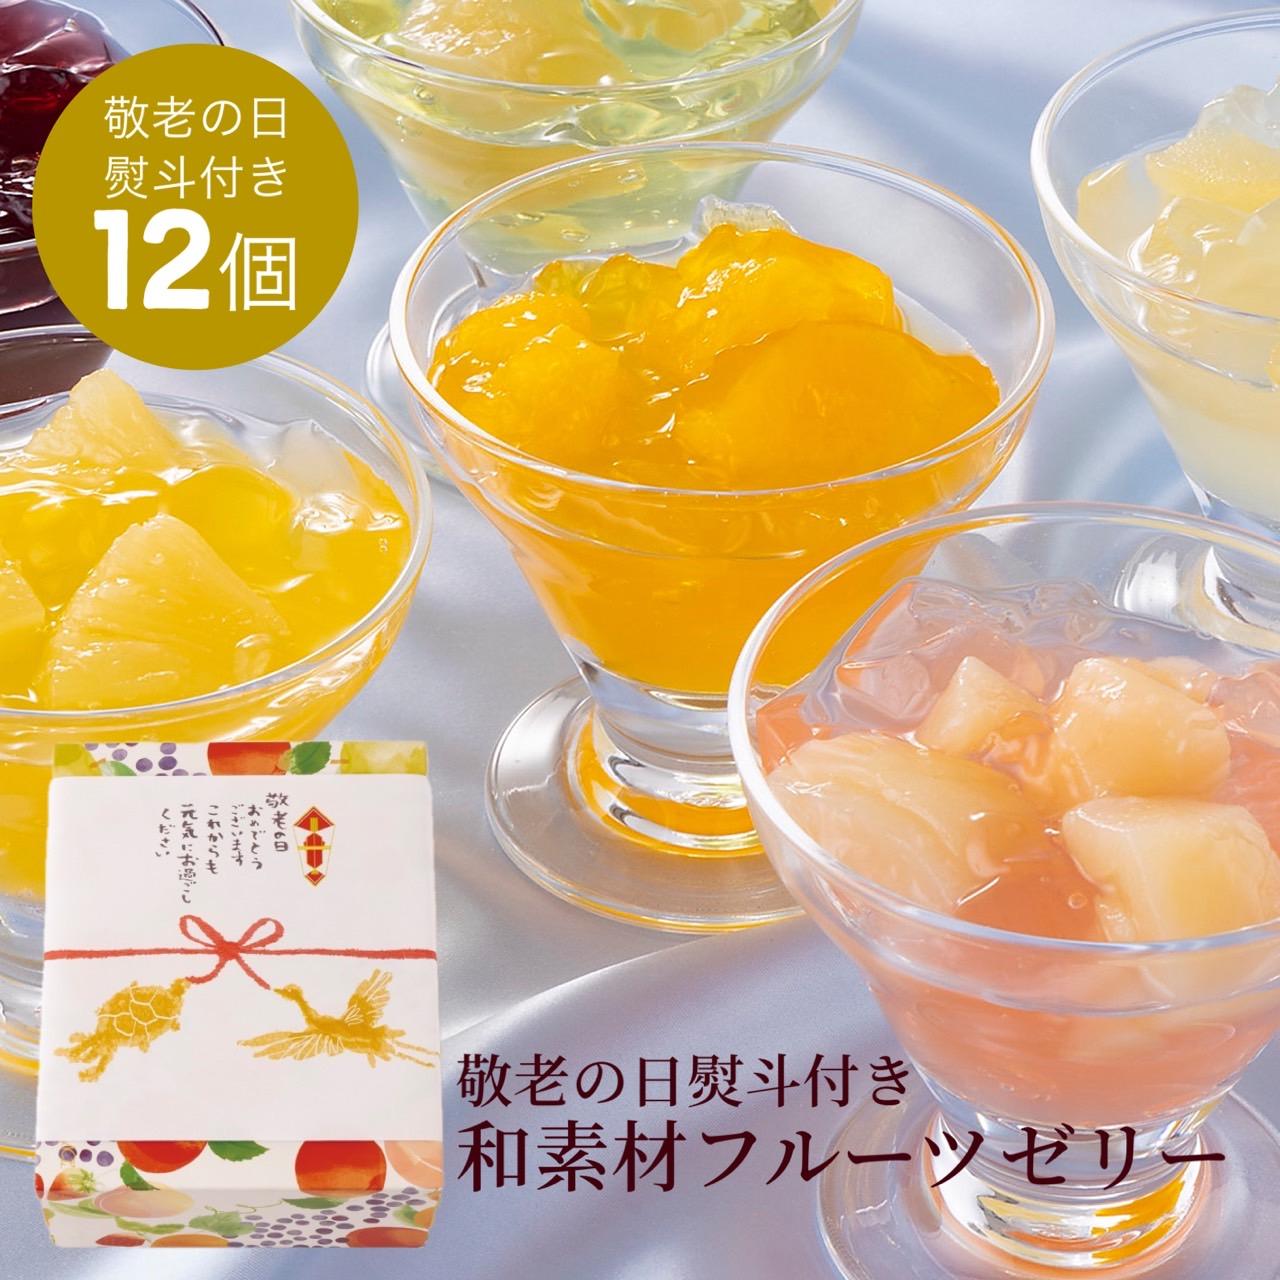 【敬老の日熨斗】和素材フルーツゼリー 12個入